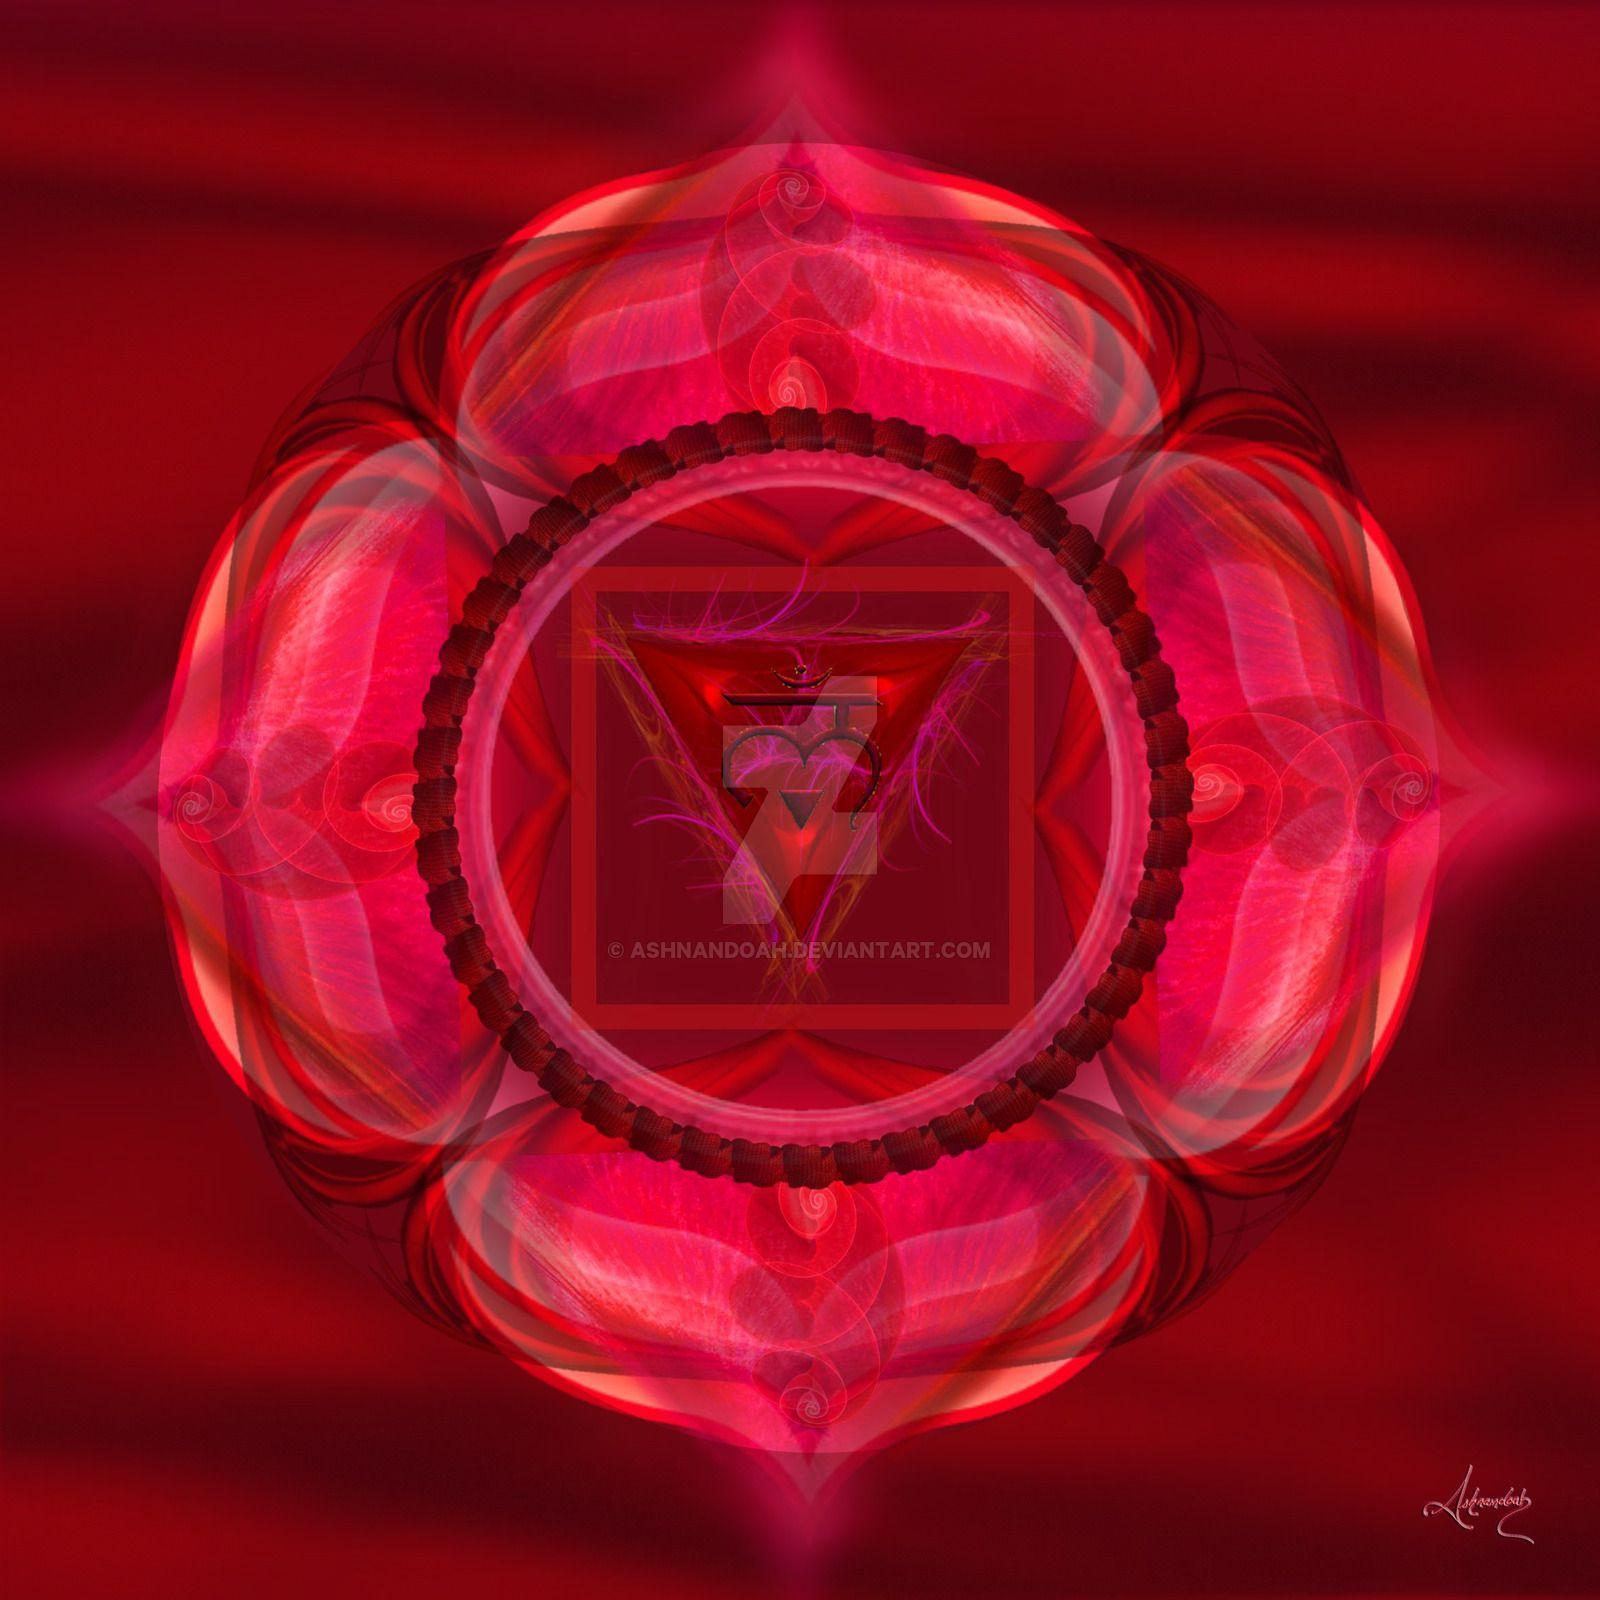 Root Chakra Symbol Muladhara By Ashnandoah On Deviantart Chakra